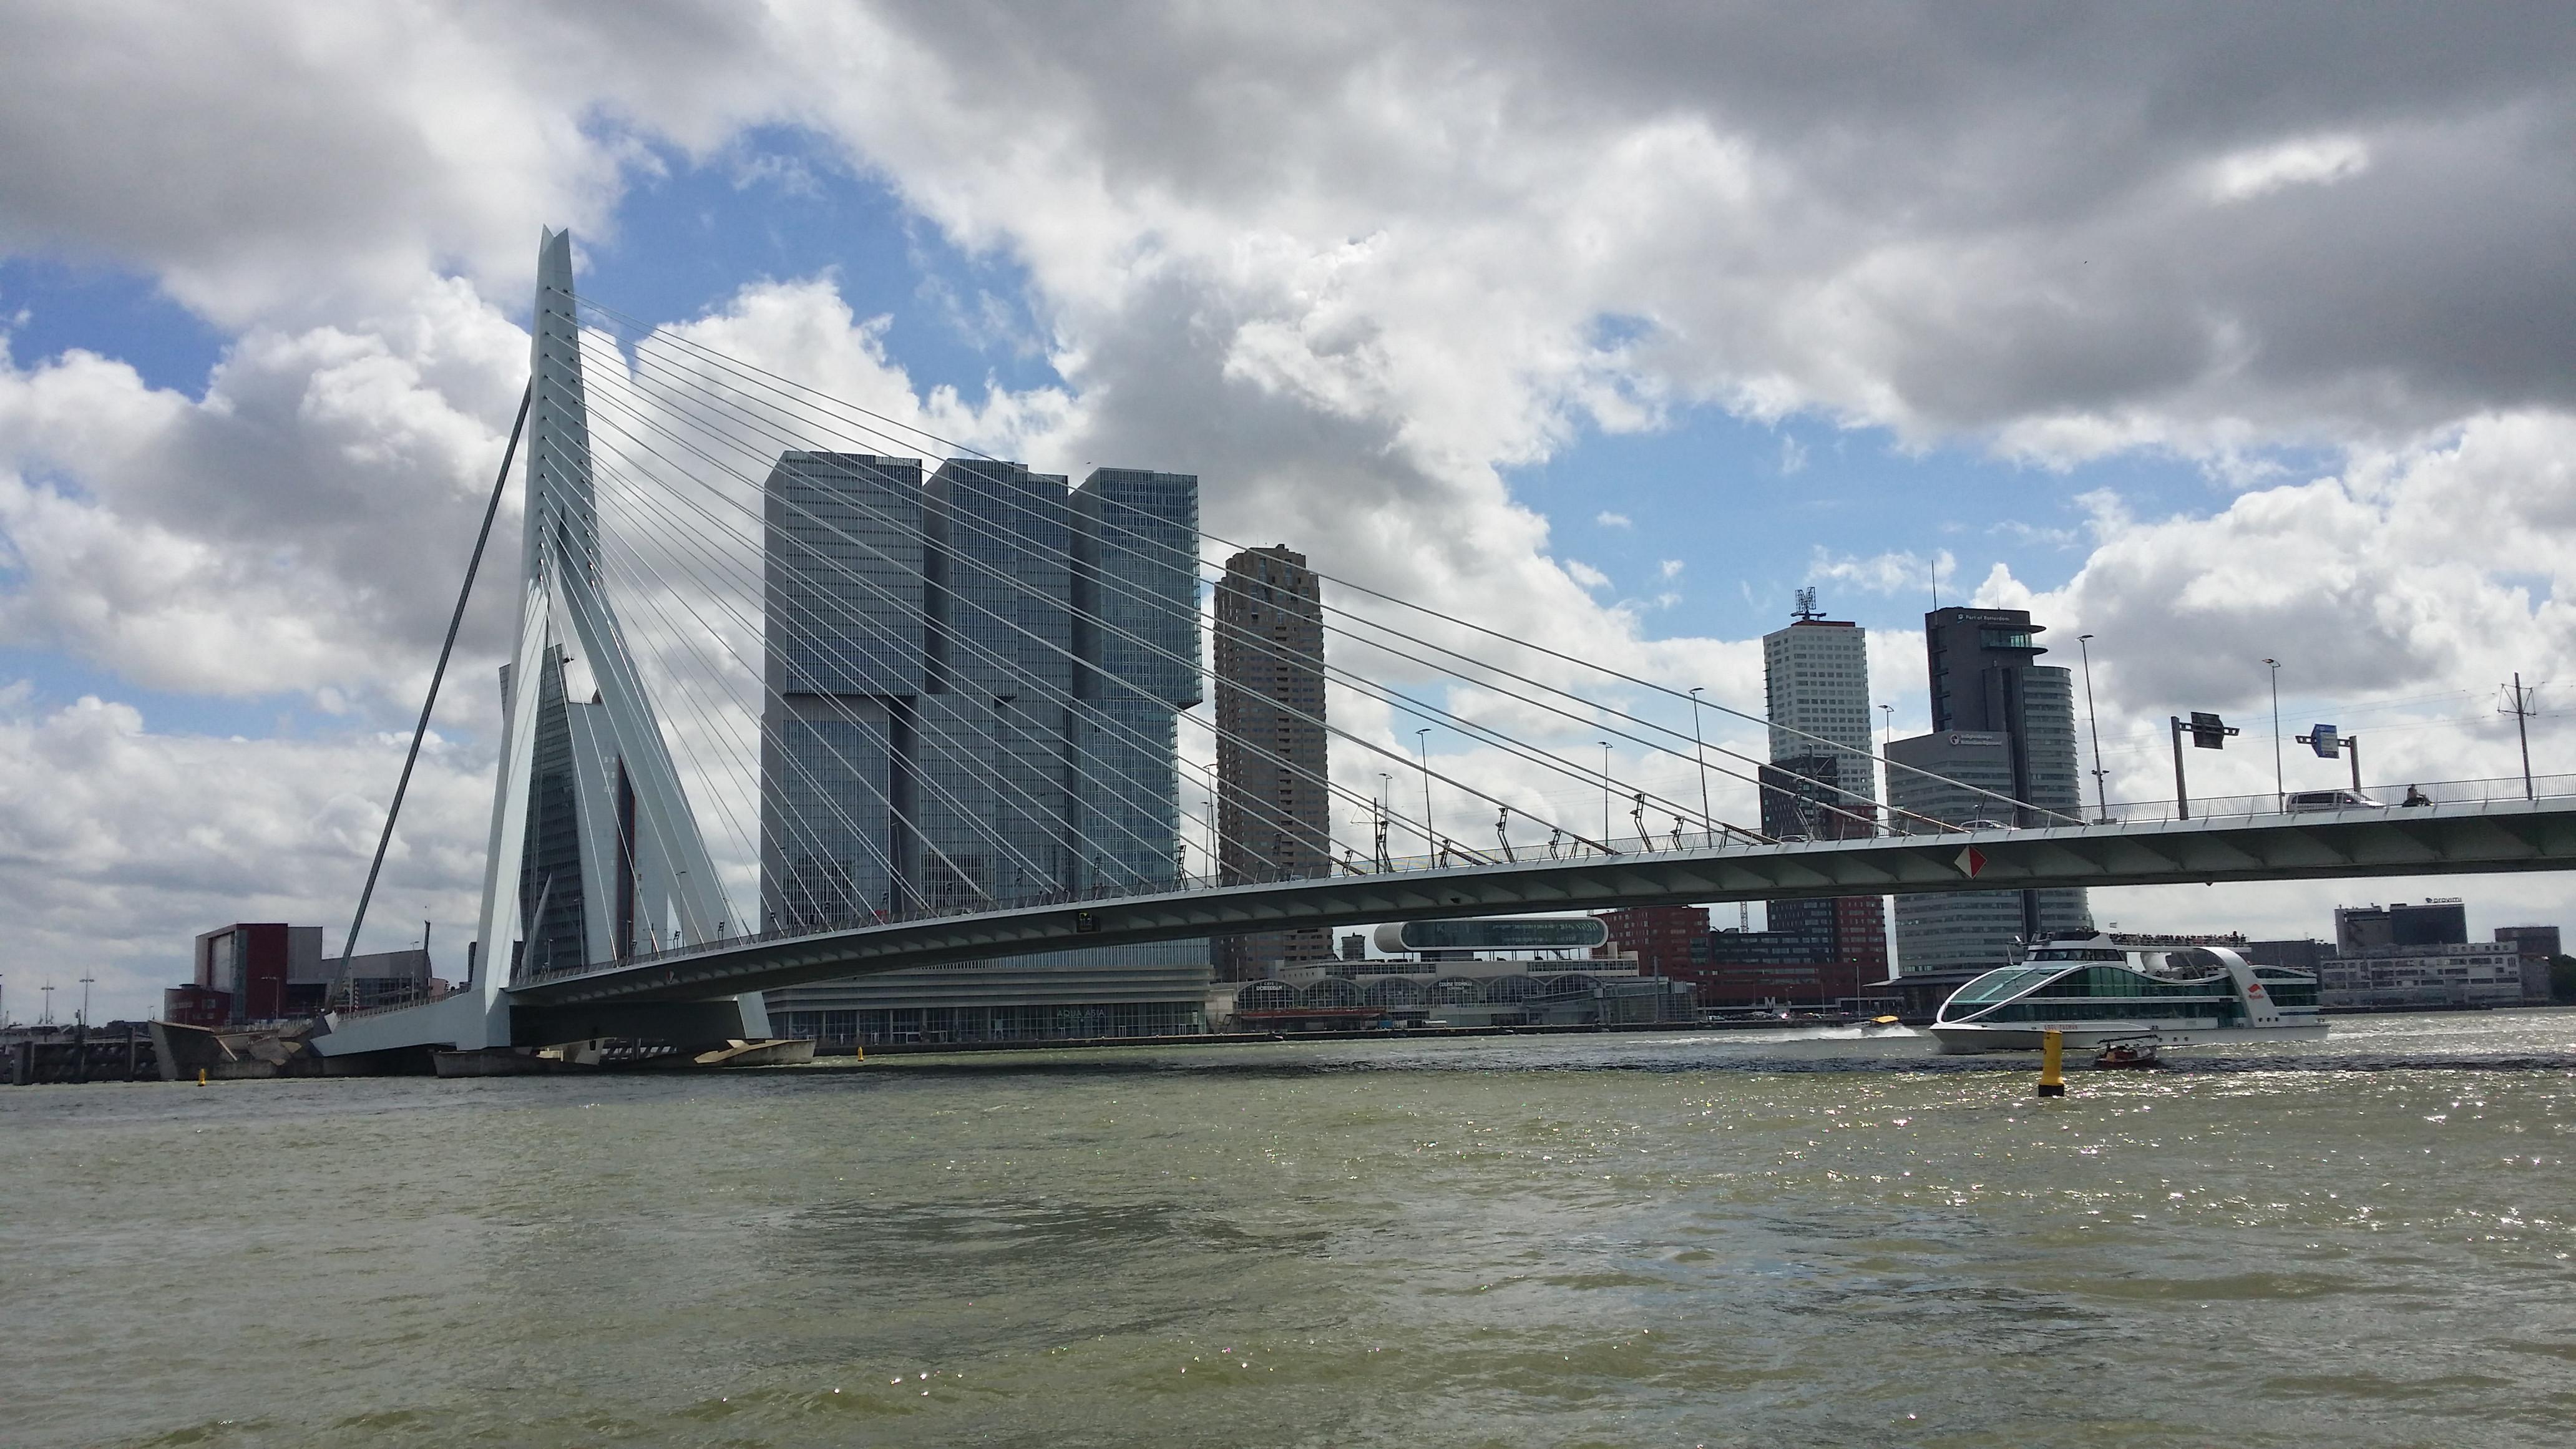 Ersamusbrücke in Rotterdam, Fluss die Maas, Hochhäuser im Hintergrund zu sehen